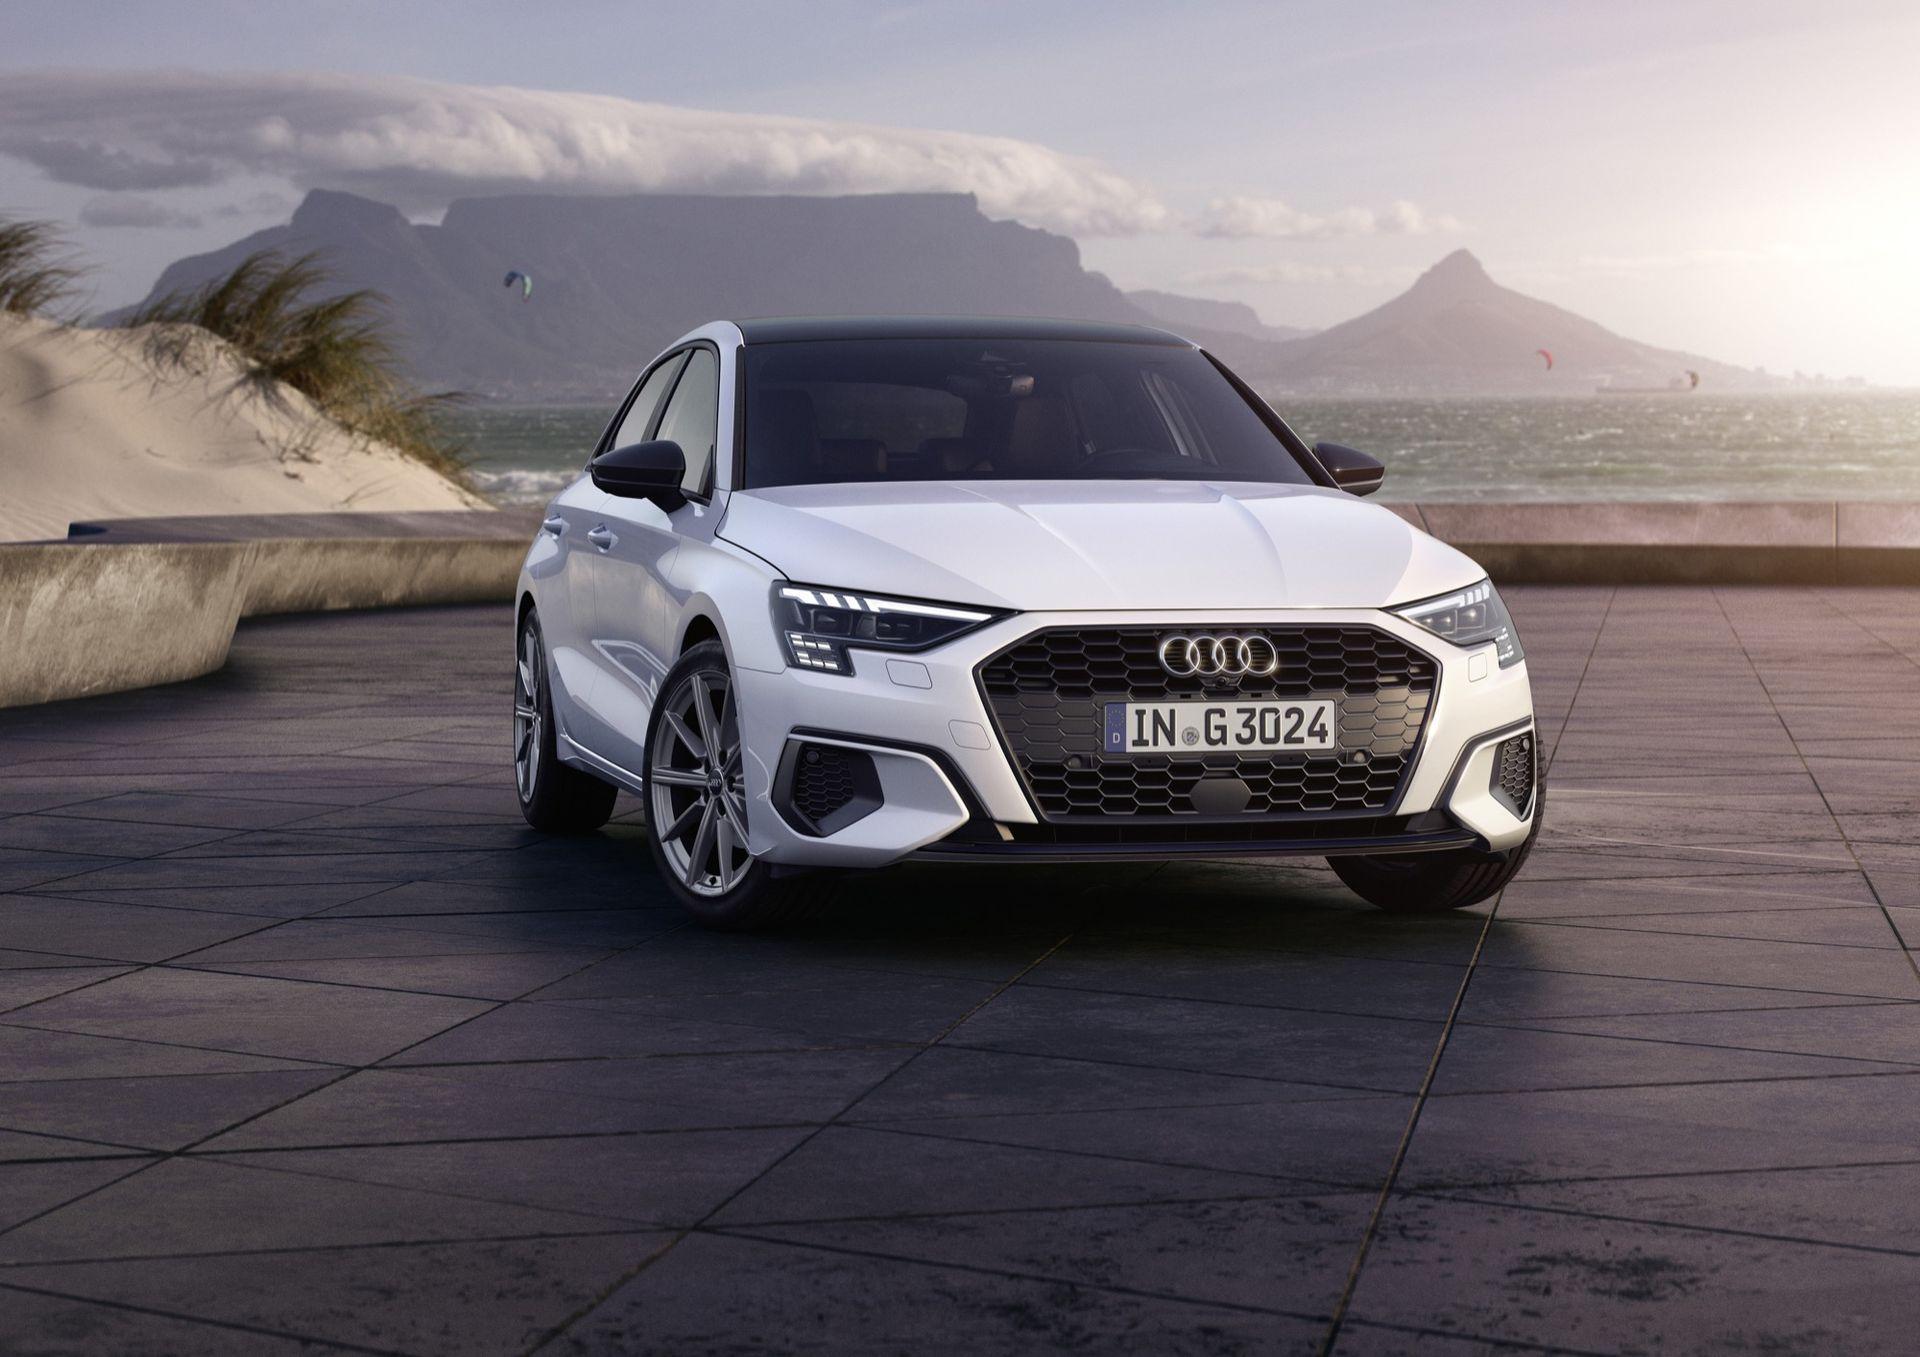 Gasdrivna Audi A3 Sportback g-tron går nu att köpa